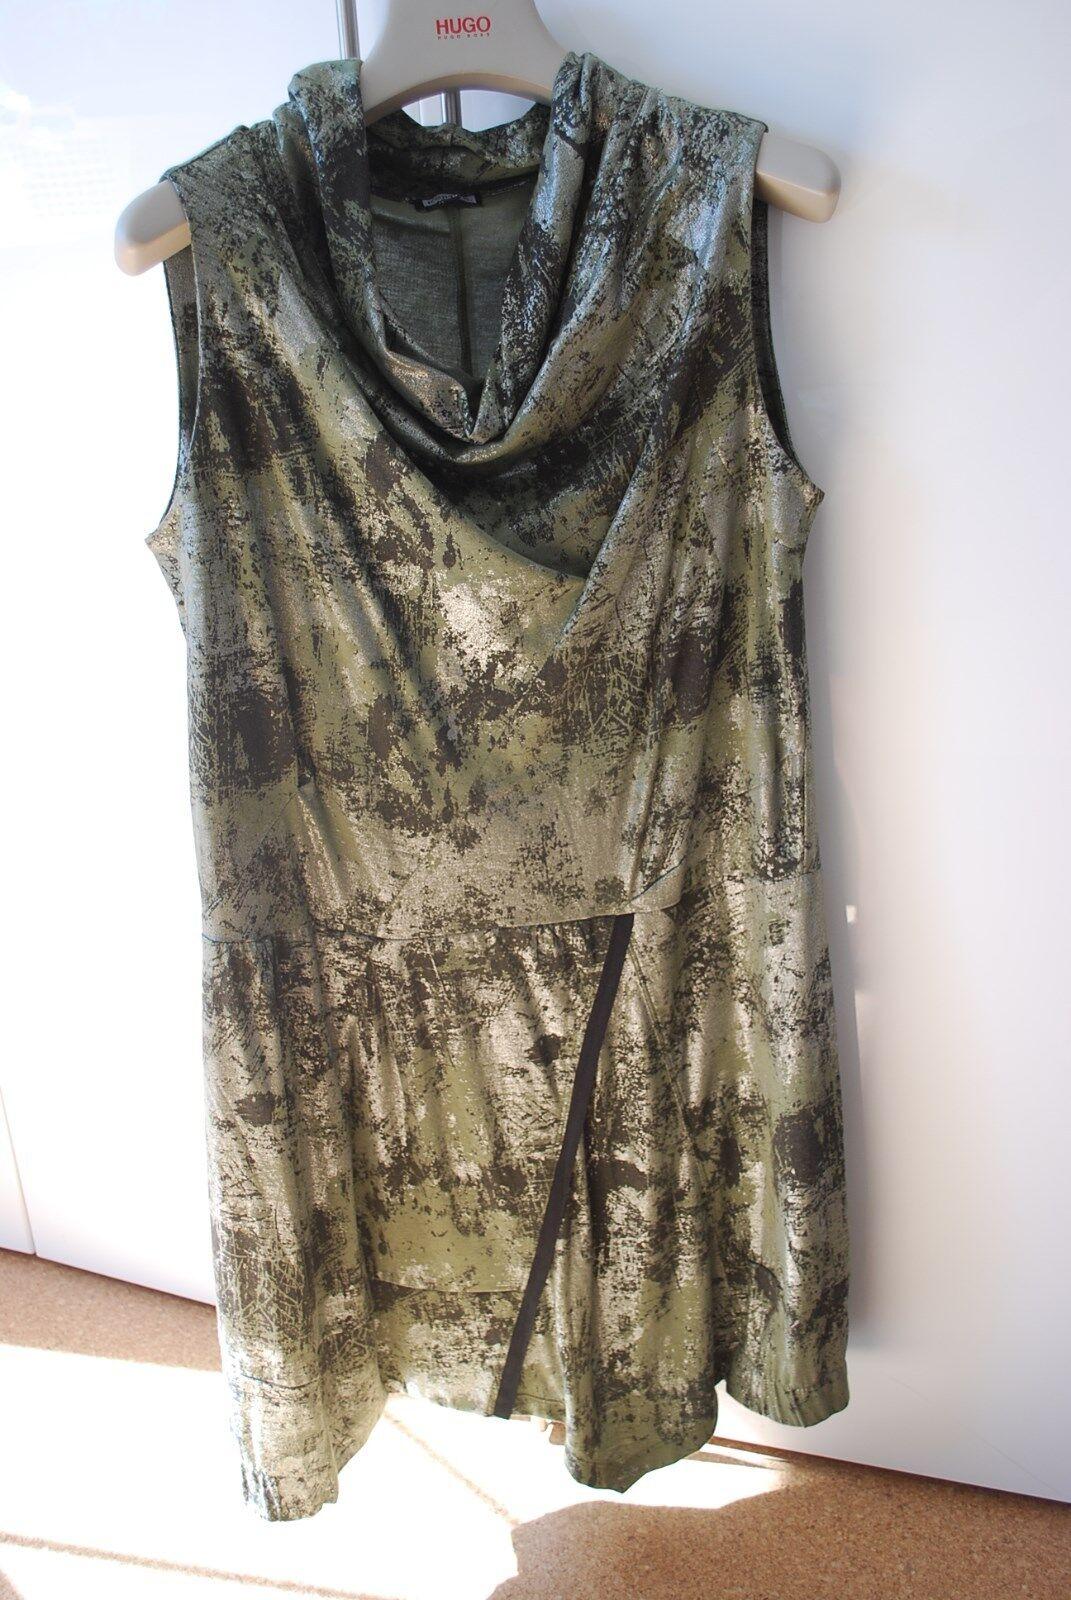 Frauen Damen Kleid KENNY S. Gr. 38 edel schick NEU nie getragen